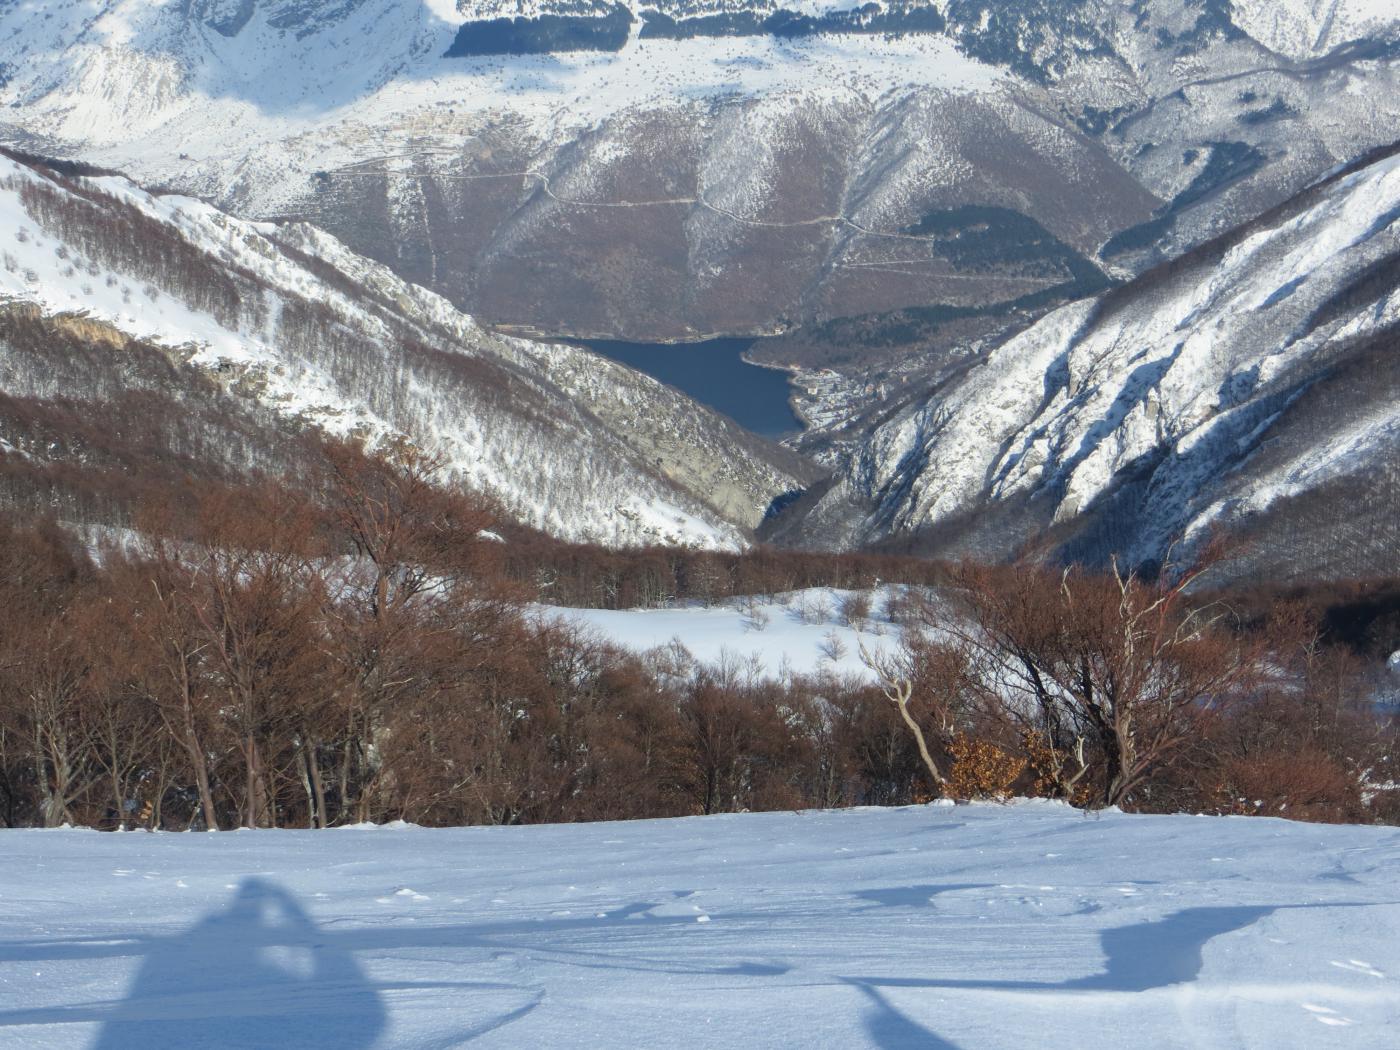 Terratta (la) quota 2208 m dal Lago di Scanno per il Vallone della Terratta 2015-02-18